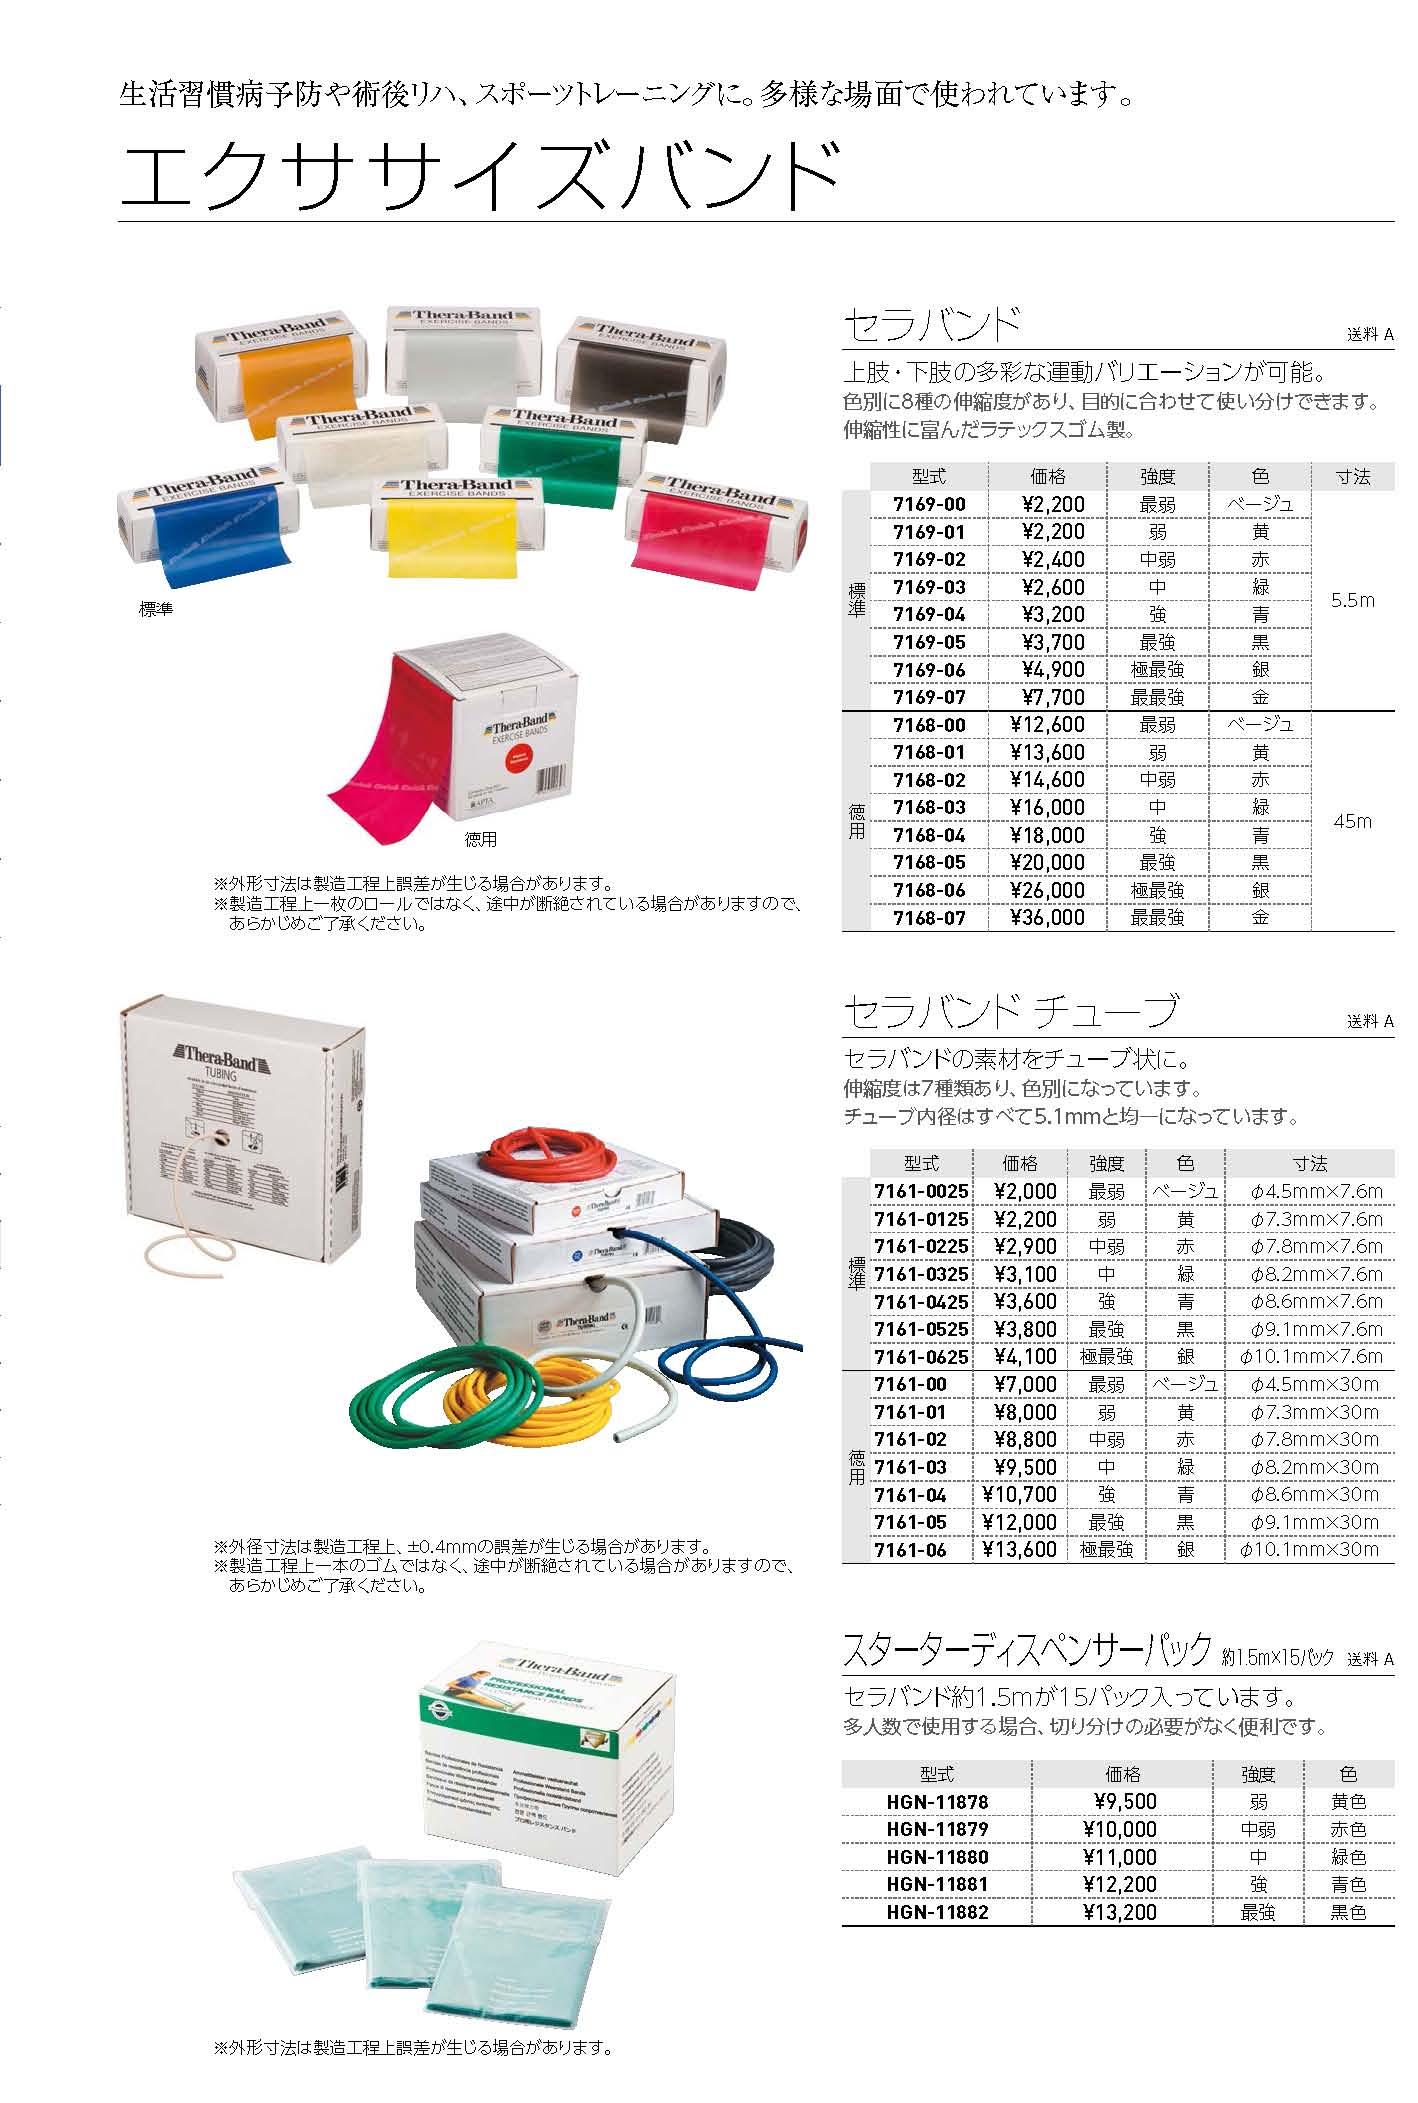 スターターディスペンサーパックHGN-11882 パフォーマンスヘルス(saYU140036)